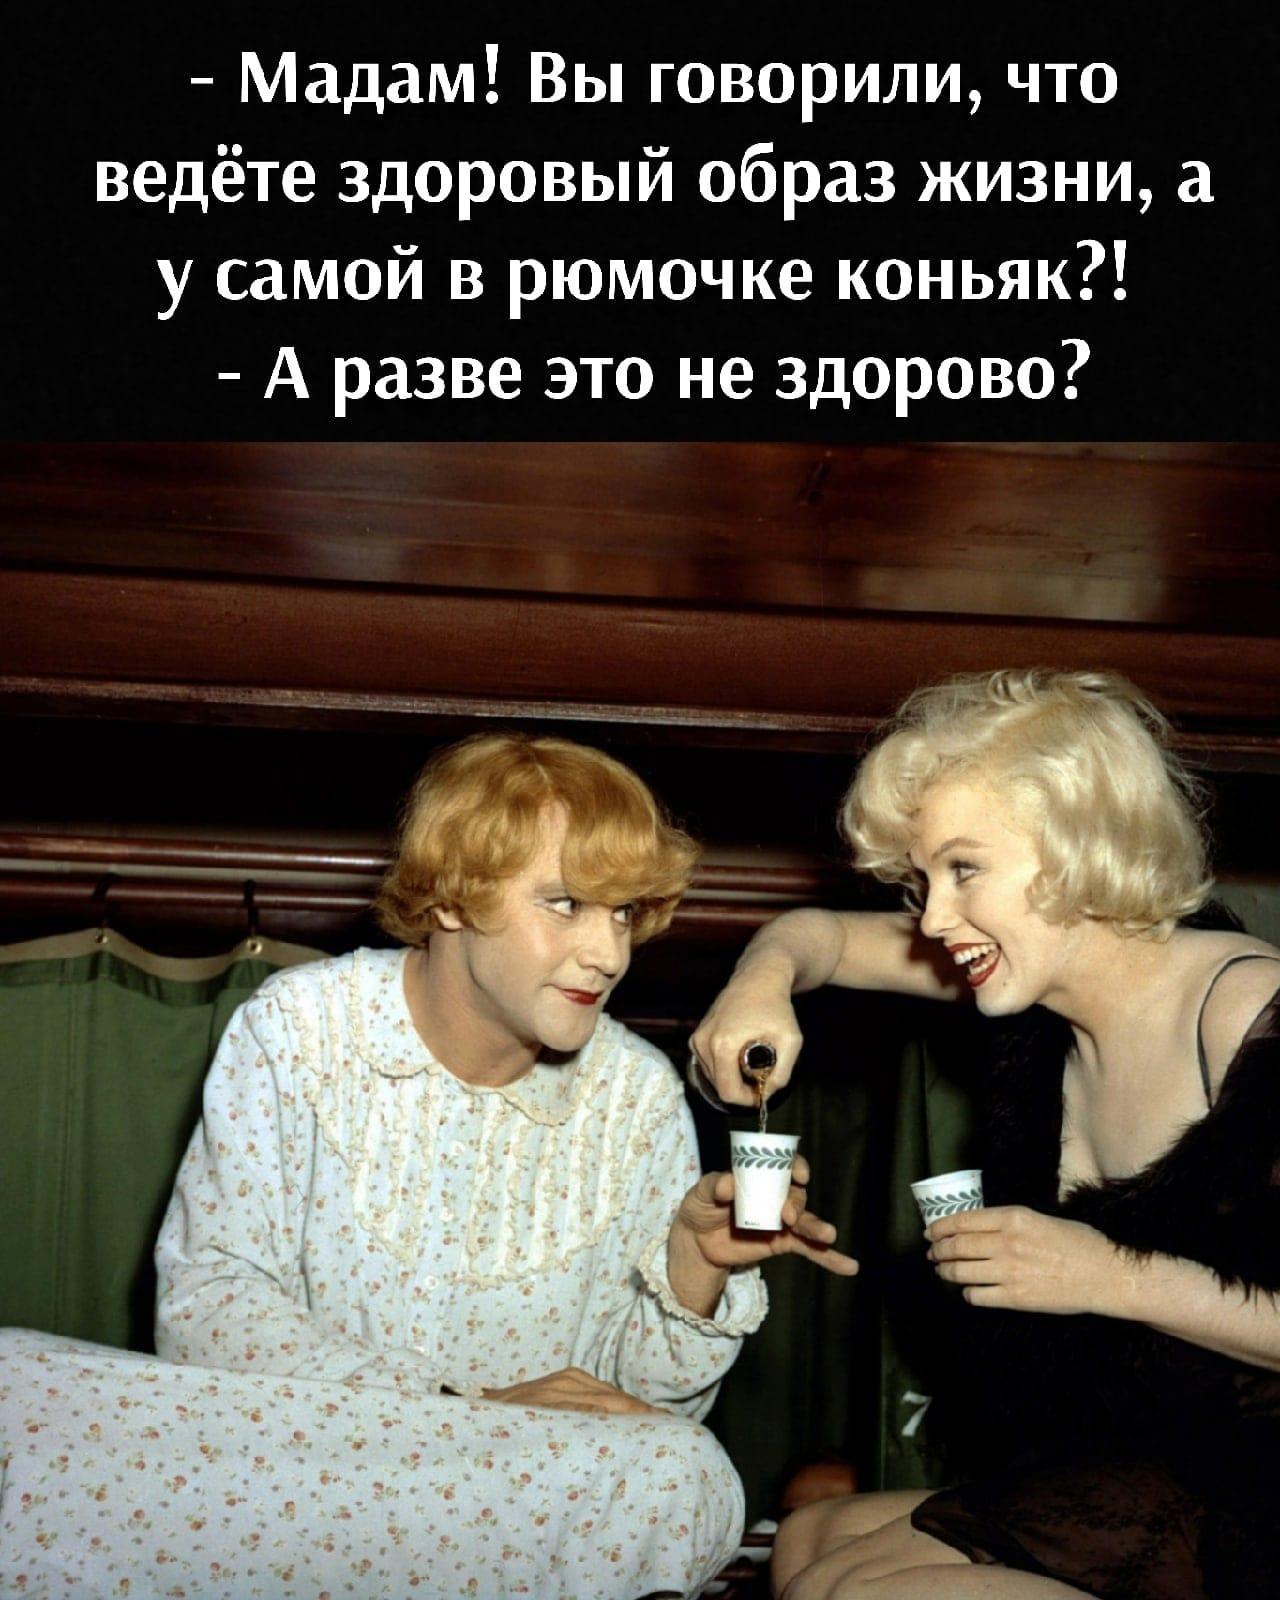 - Дорогая, ты, как всегда, совершенно права… Весёлые,прикольные и забавные фотки и картинки,А так же анекдоты и приятное общение